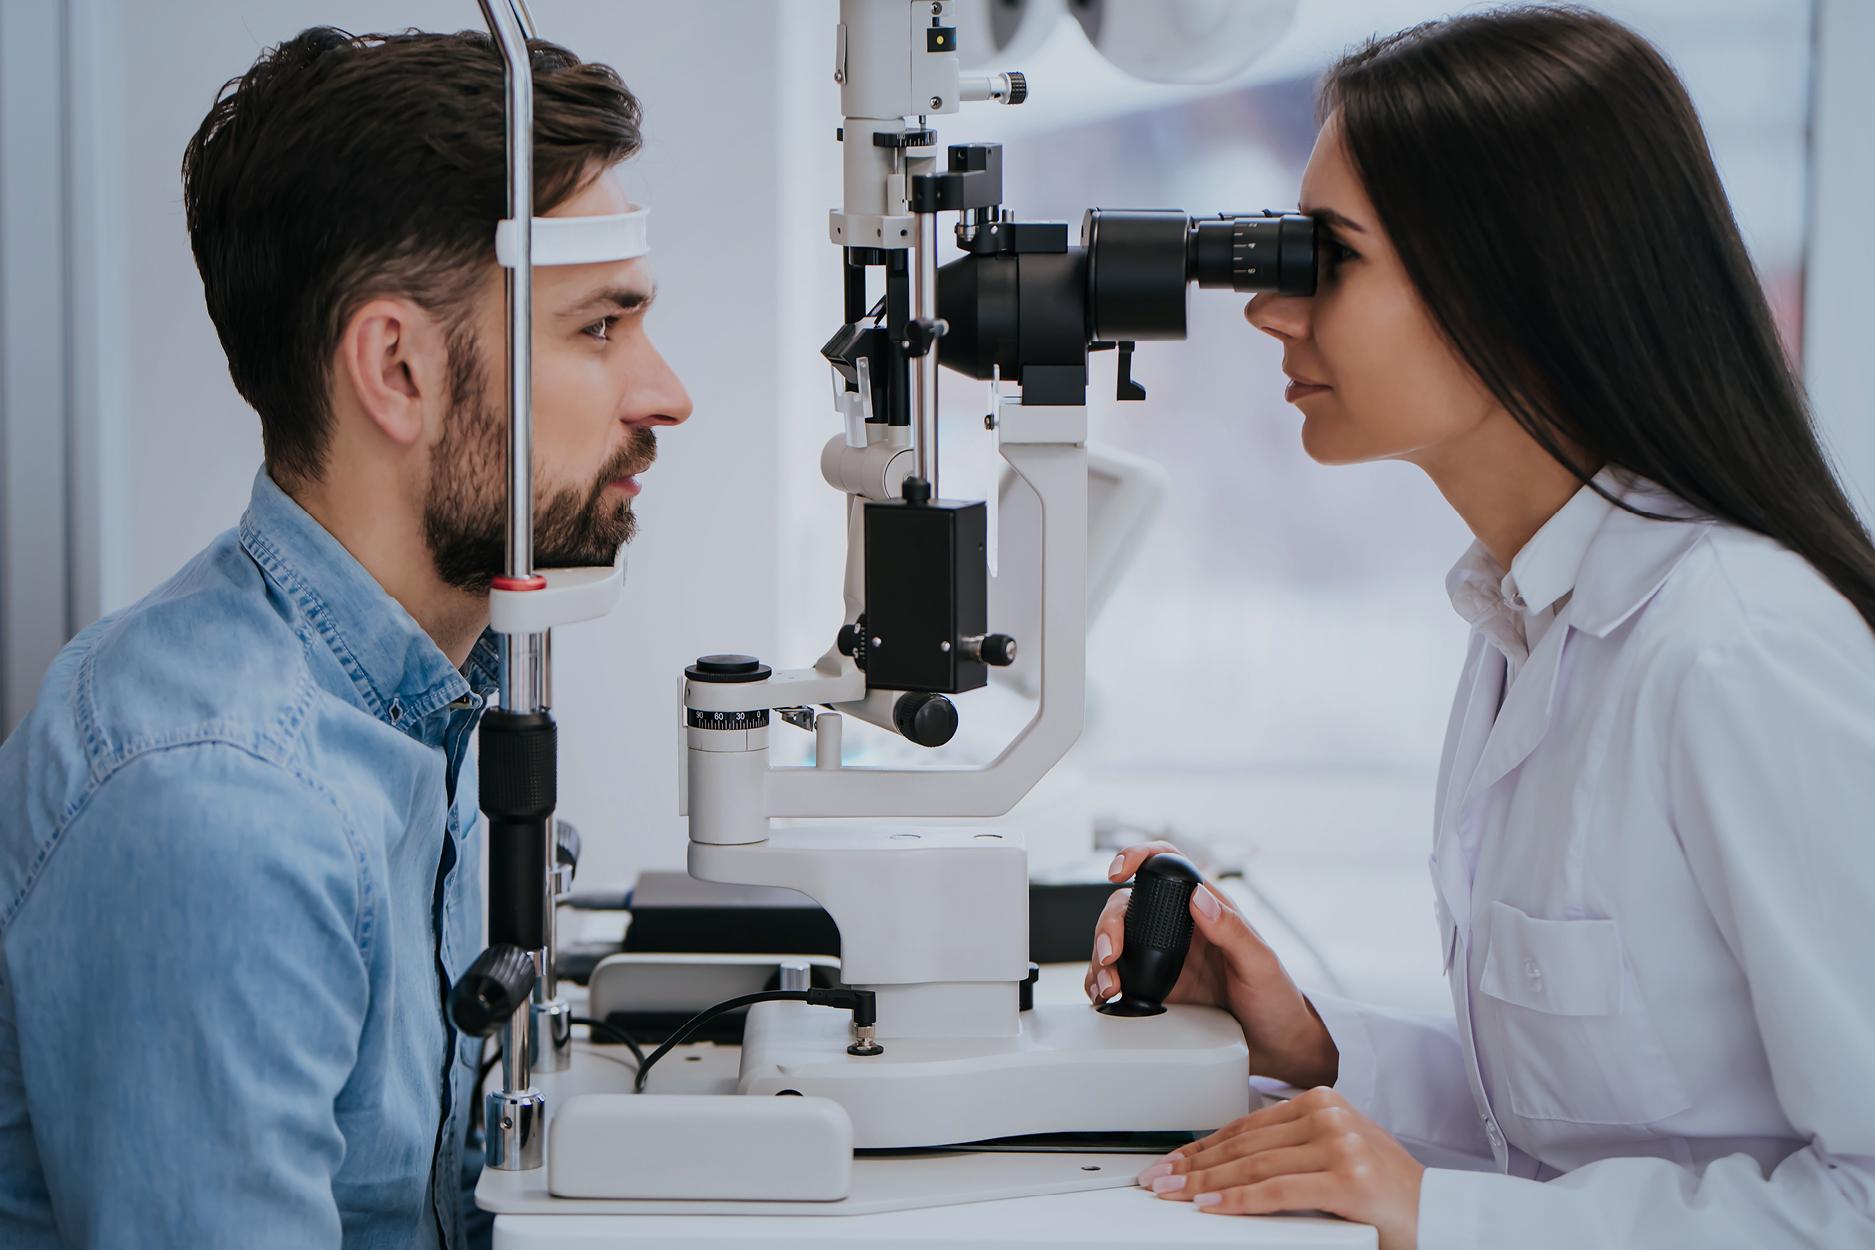 Avala-WebImages-Health-Ophthalmology